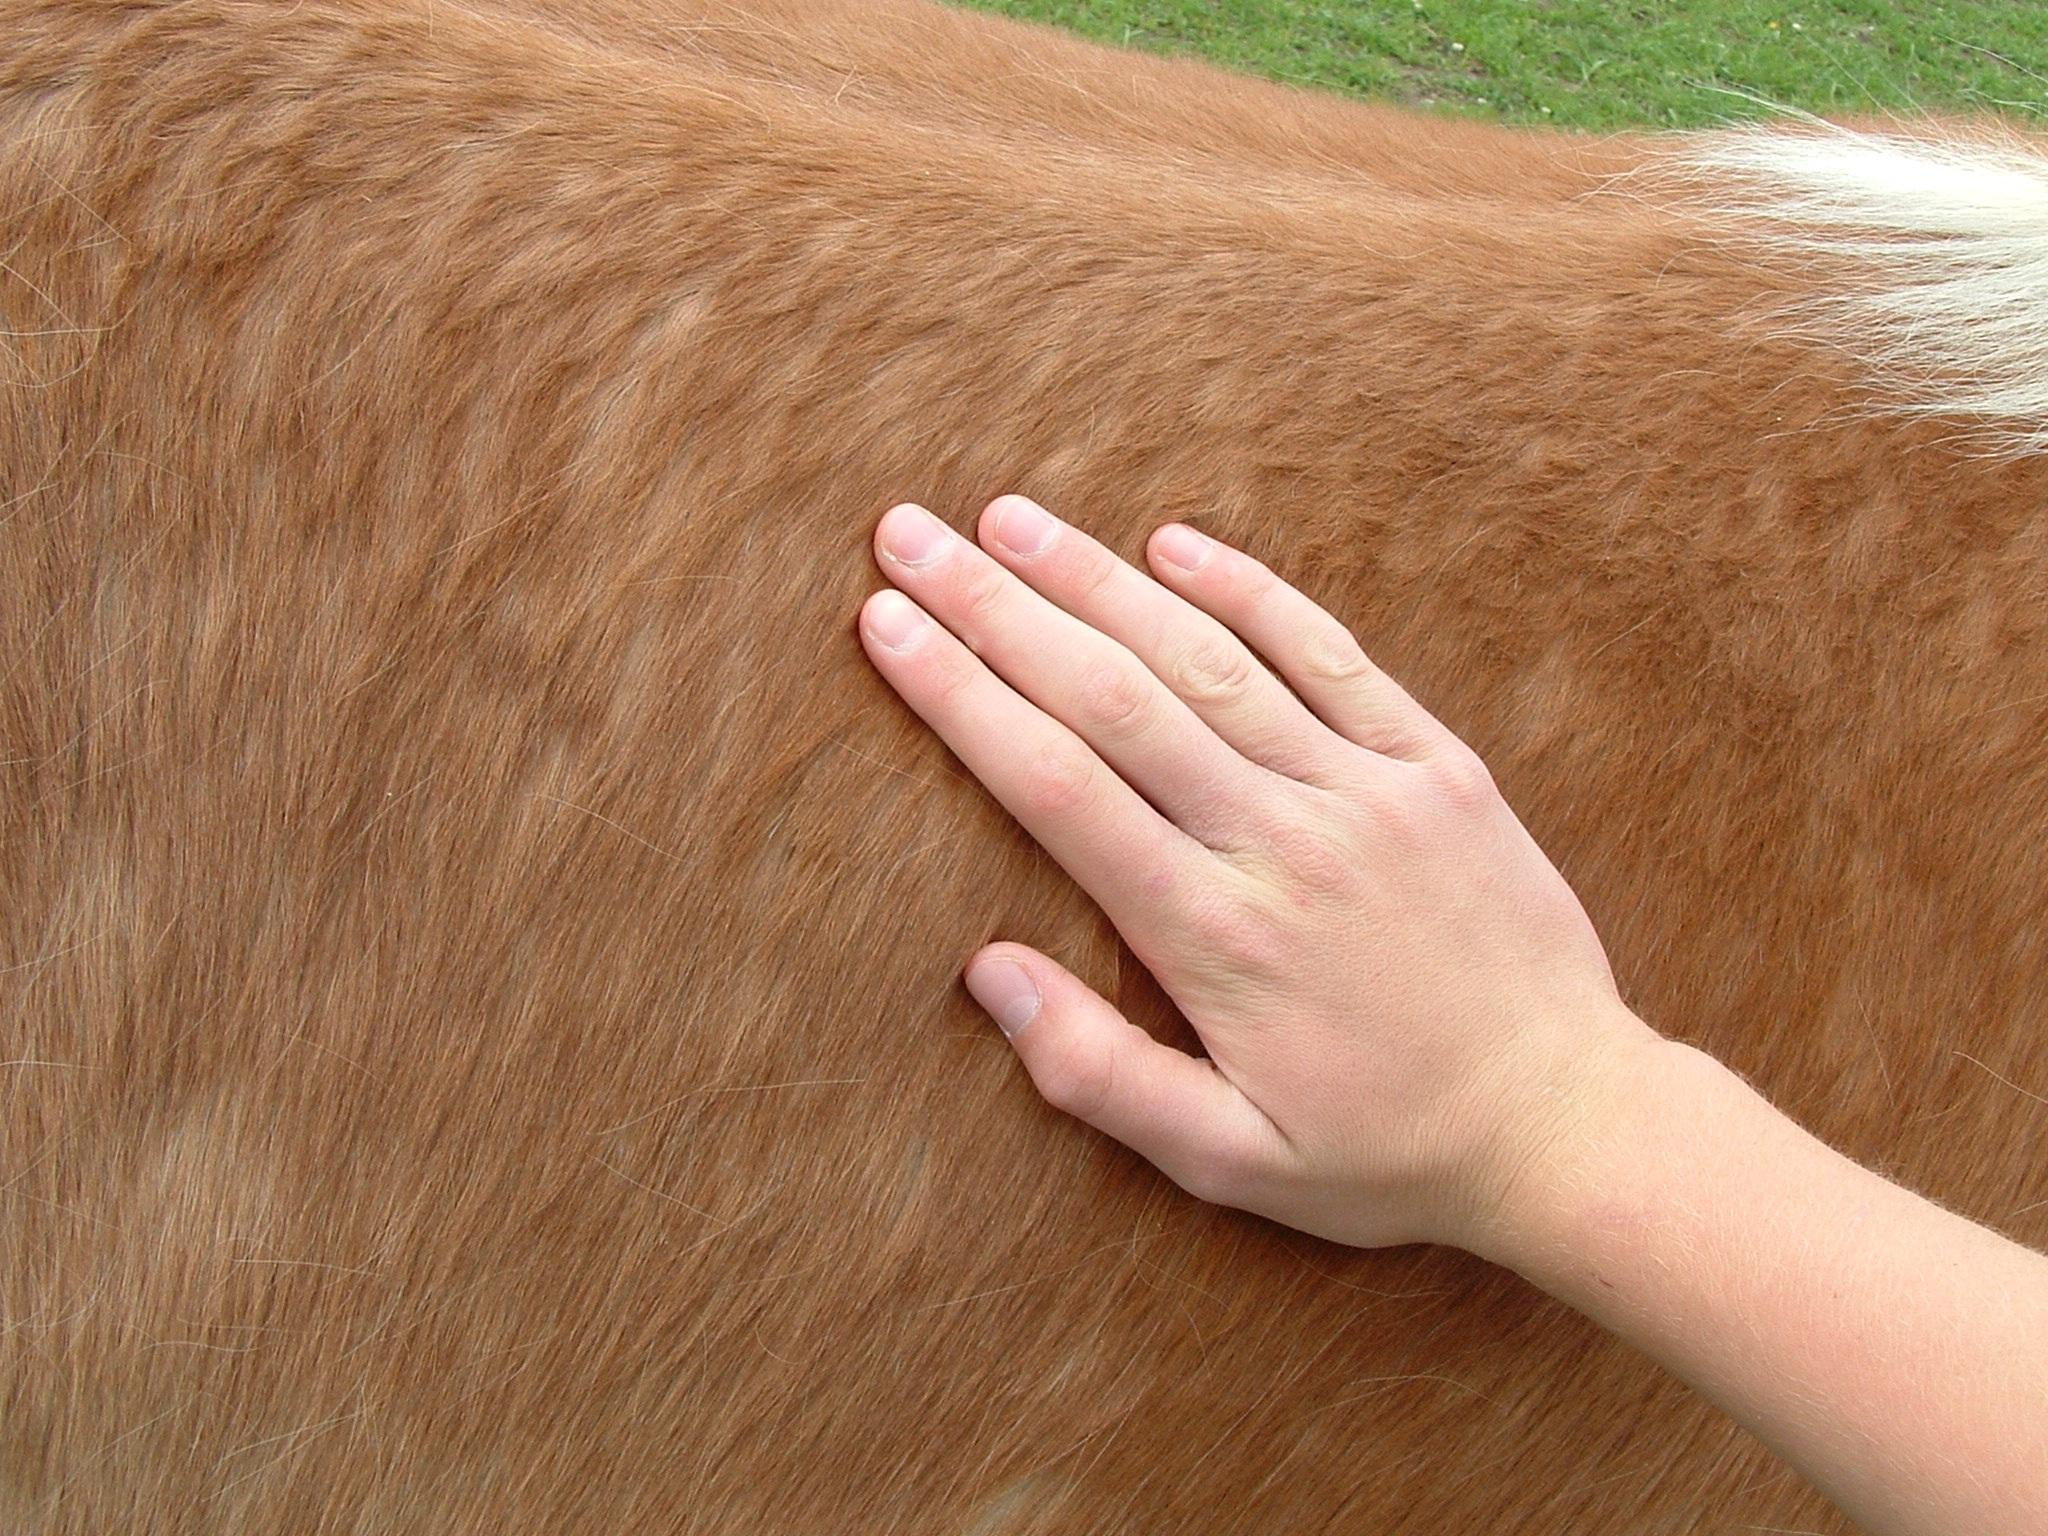 Massagem em cavalos - Saiba mais sobre esta técnica relaxante!